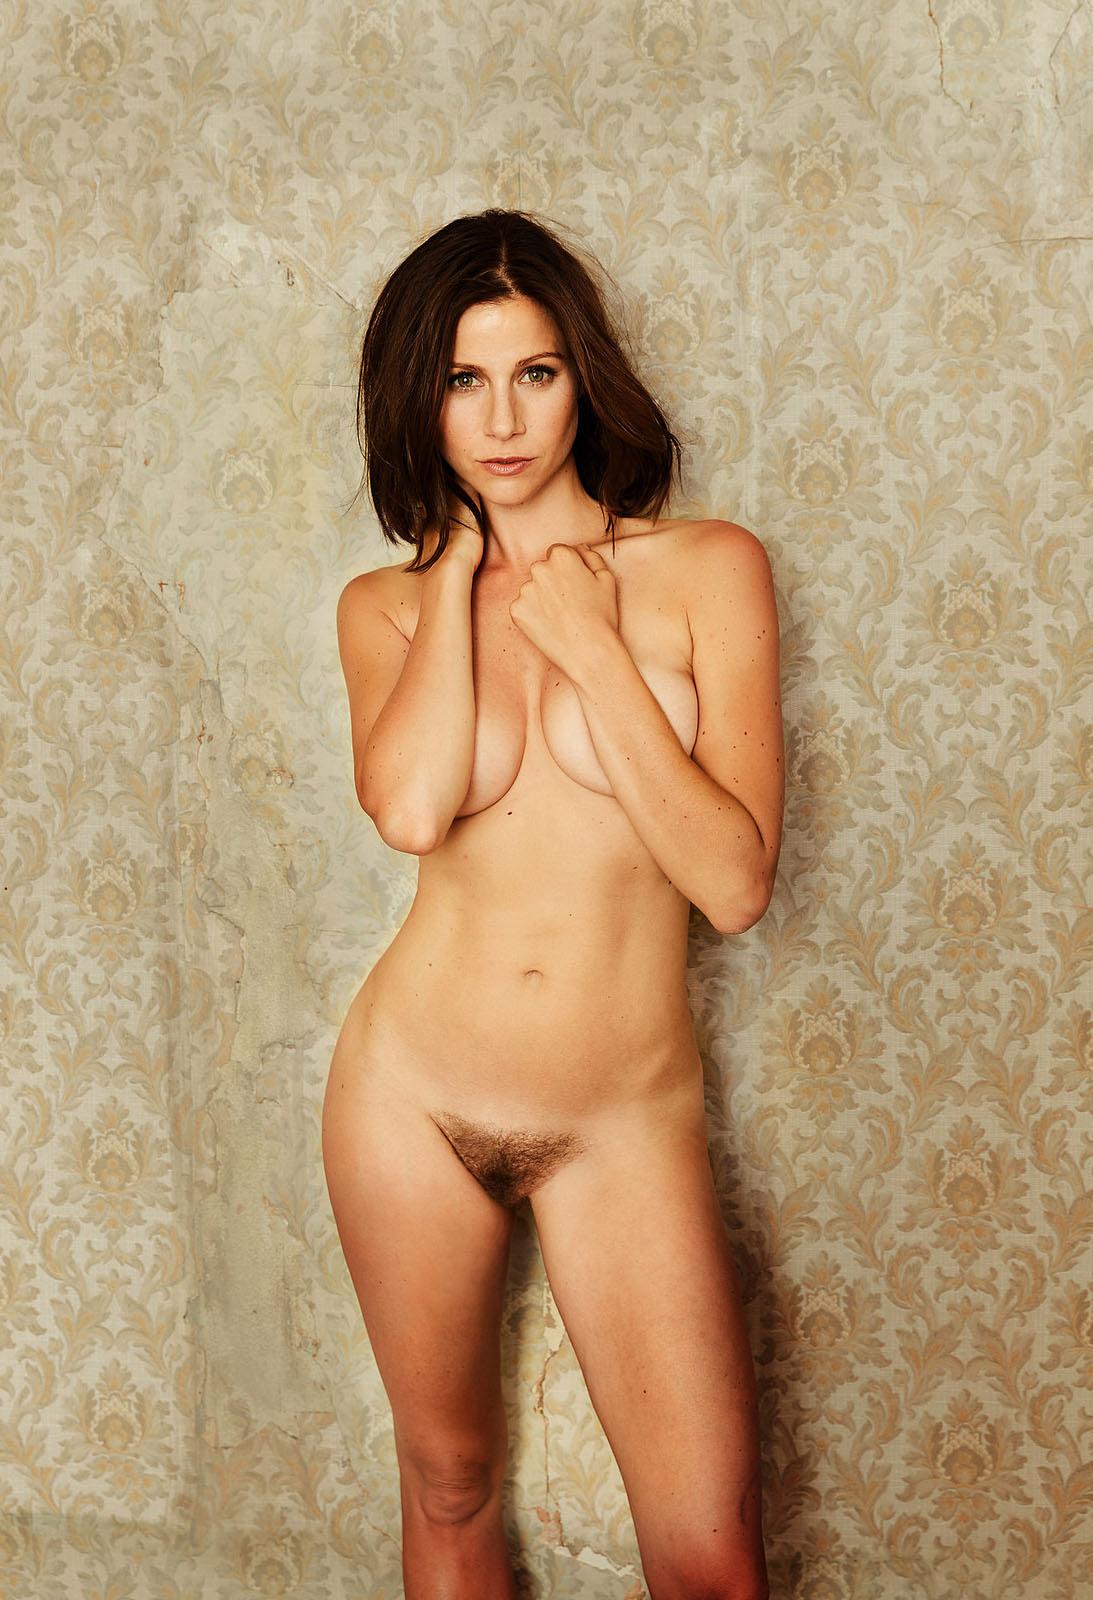 Bilder katrin heß nackt Nackt, damit